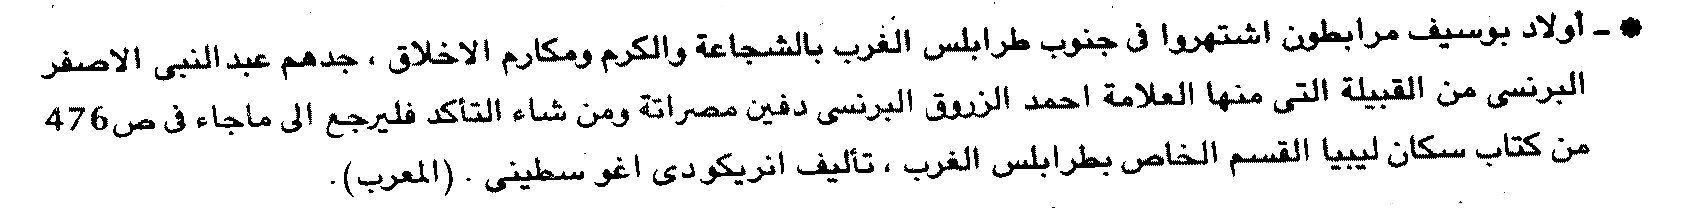 اسماعيل كمالي الارناؤوط سكان طرابلس الغرب اولاد بوسيف ص59